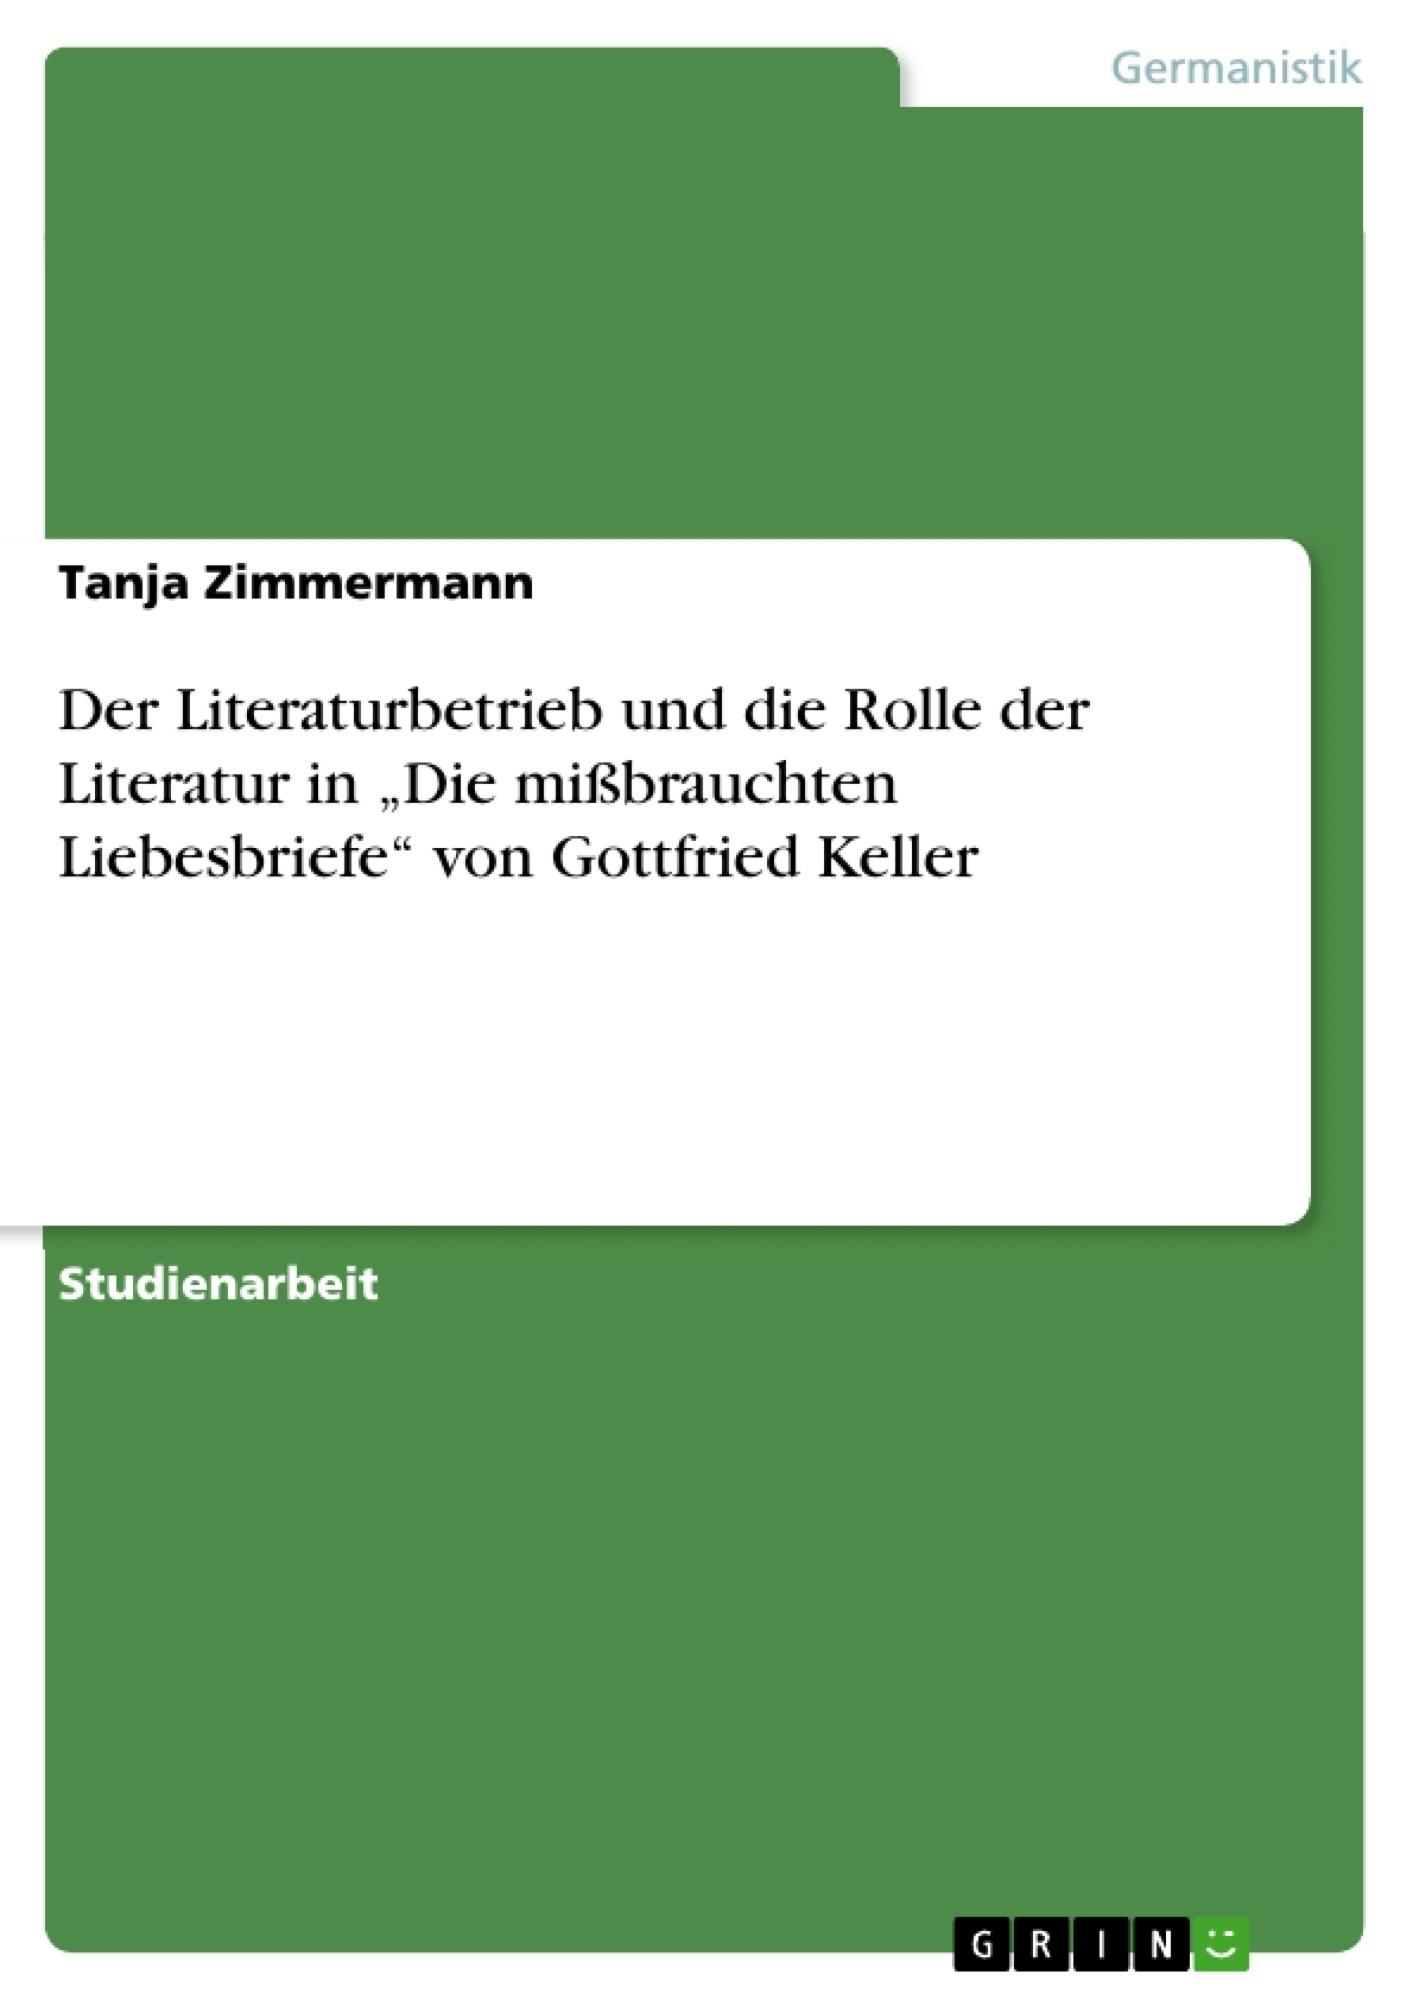 """Titel: Der Literaturbetrieb und die Rolle der Literatur in """"Die mißbrauchten Liebesbriefe"""" von Gottfried Keller"""